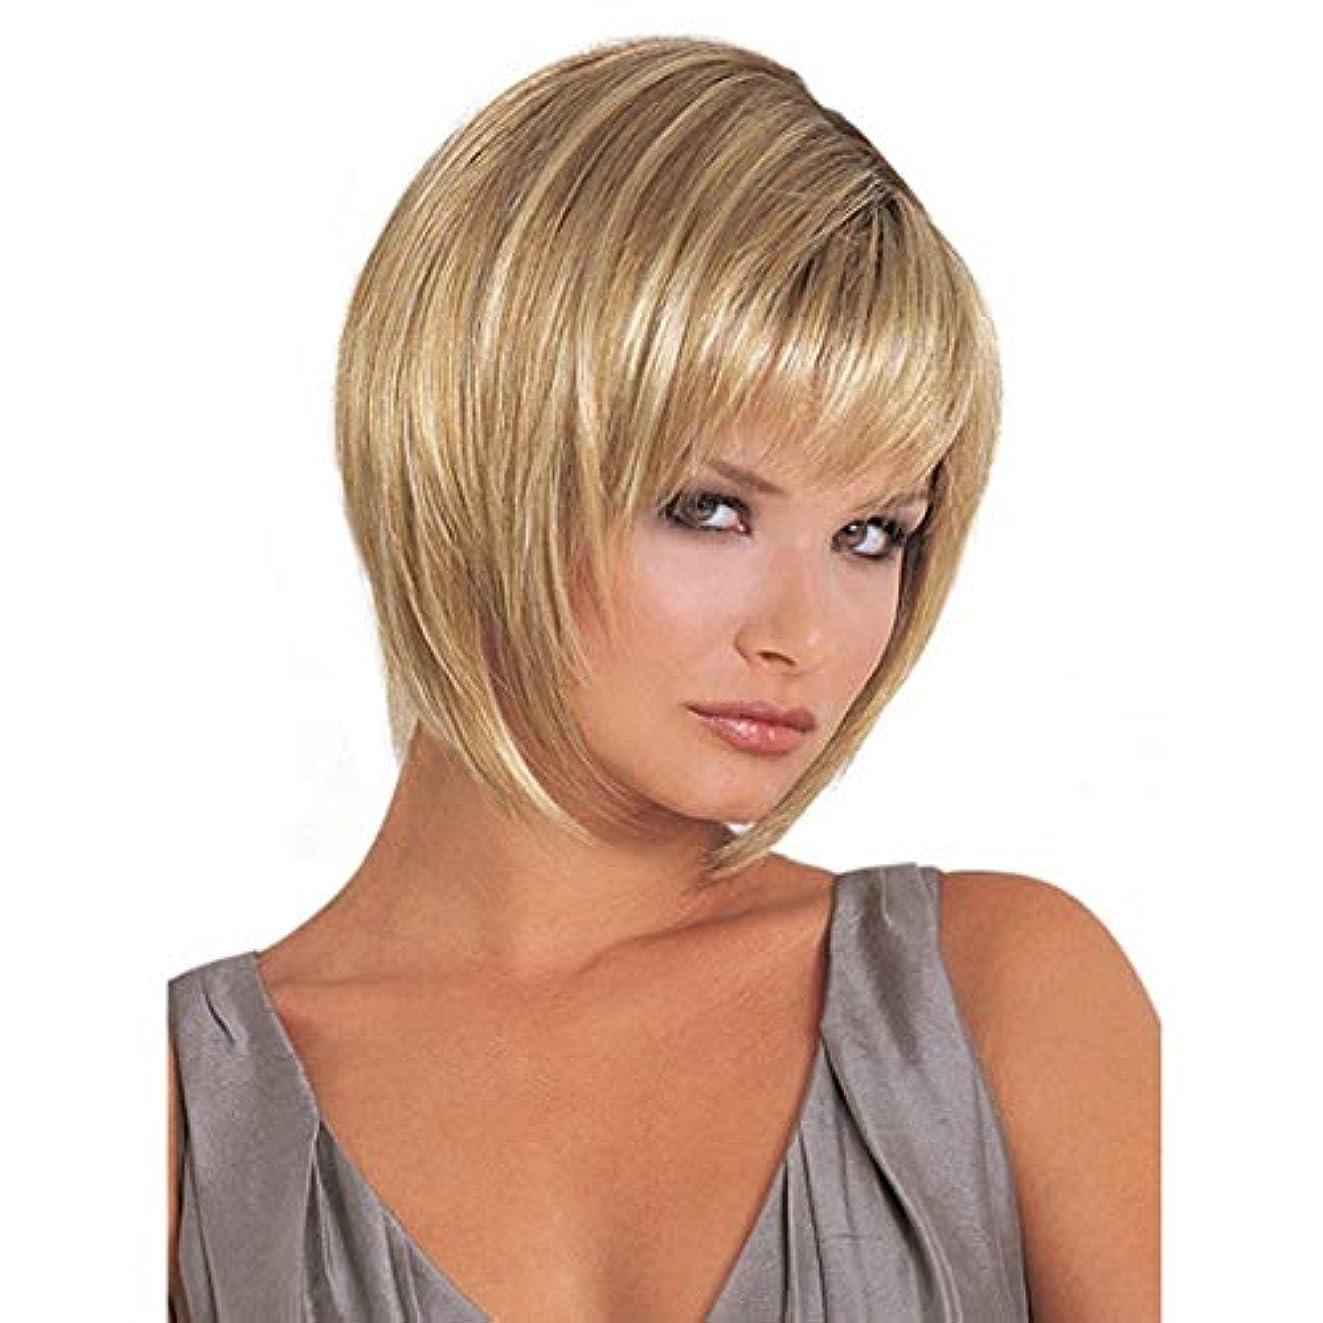 赤外線吸収剤キャッチKoloeplf ふわふわのマイクロボリューム現実的なかつら女性のための短いカーリーナチュラルカラーゴールドかつら白髪用かつら20cm / 25cm